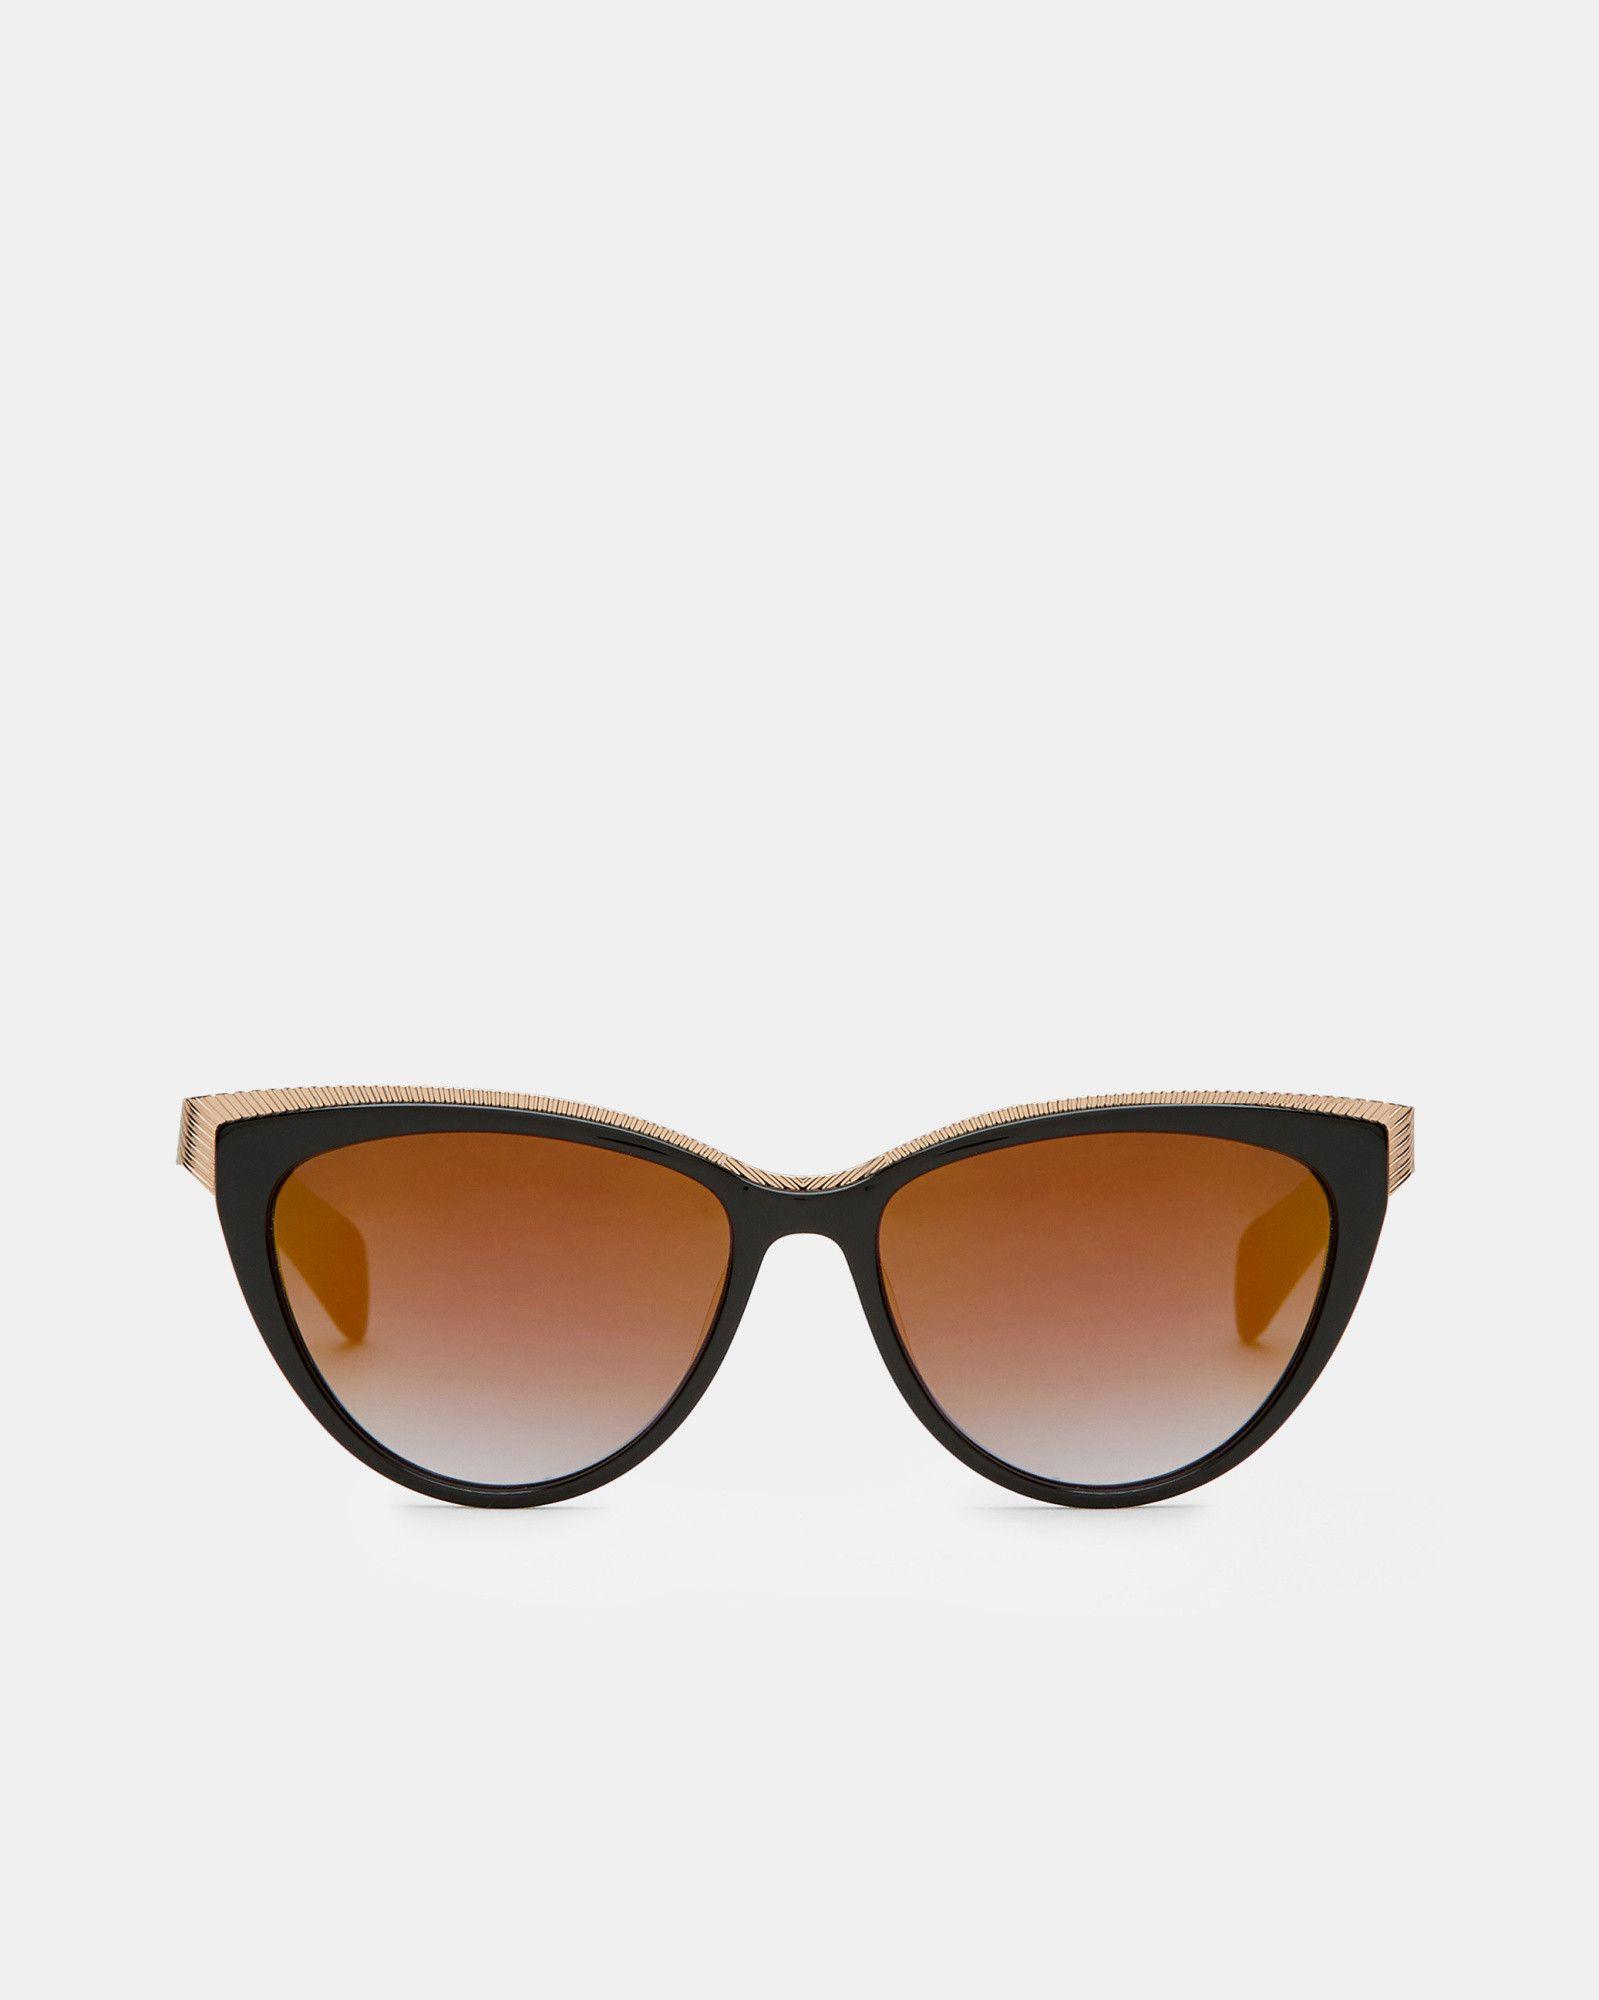 3c0877b181e0 Ted Baker Metallic detail cat-eye sunglasses Black